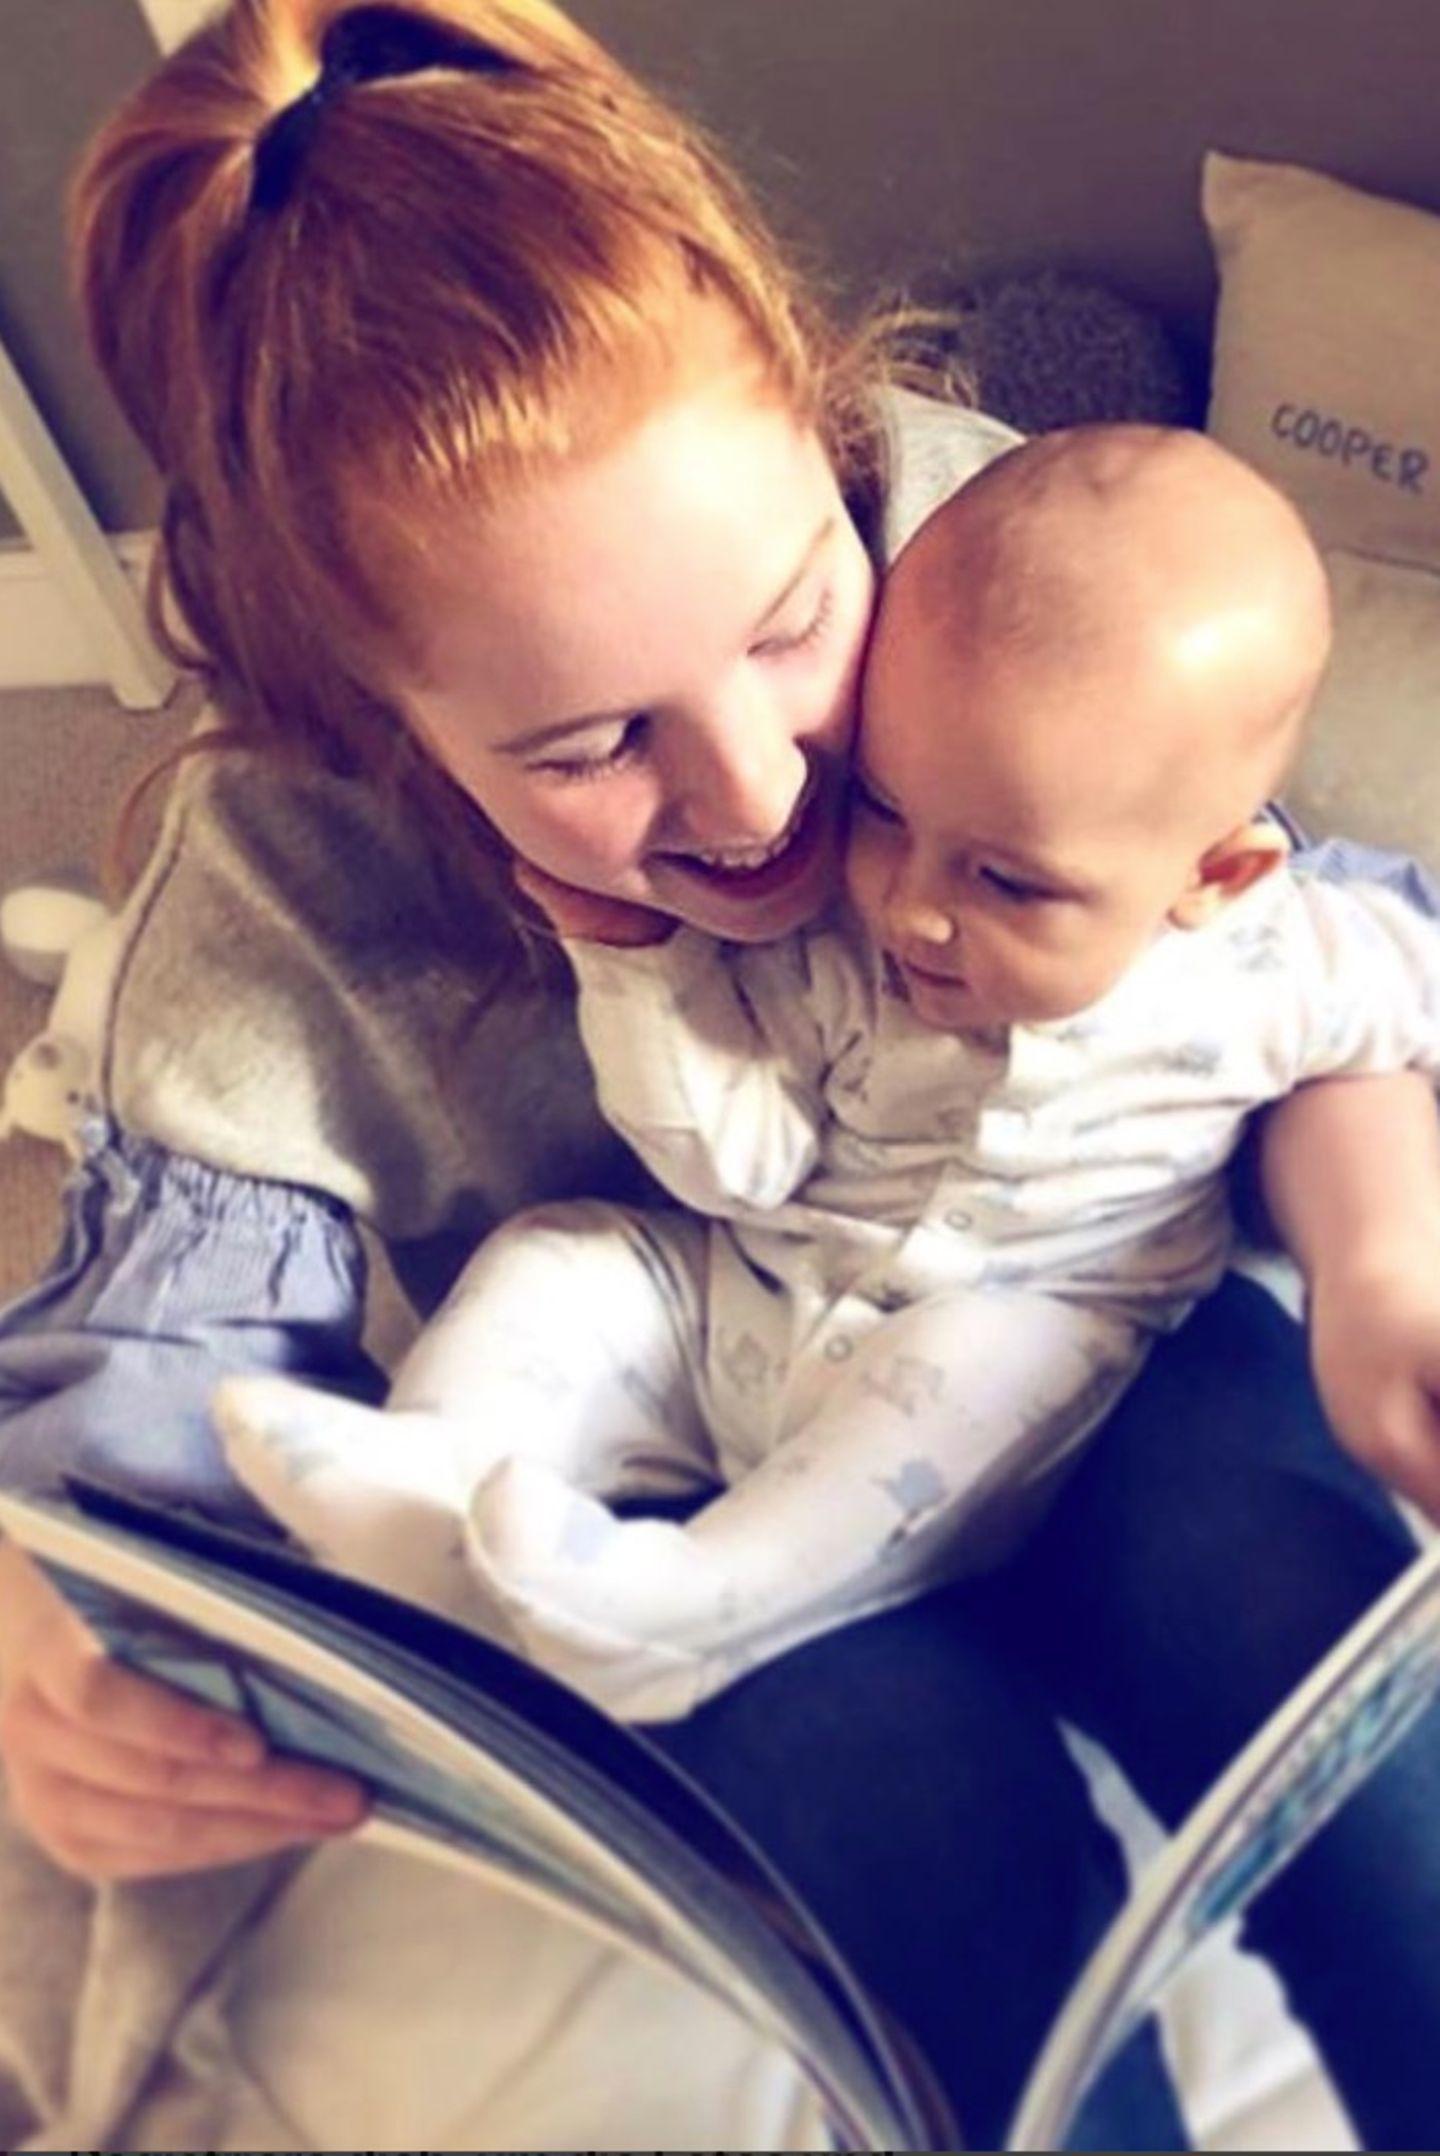 30. November 2017  Zuckersüß! Die große Schwester Ali Keating liest dem kleinen Cooper eine Geschichte vor.